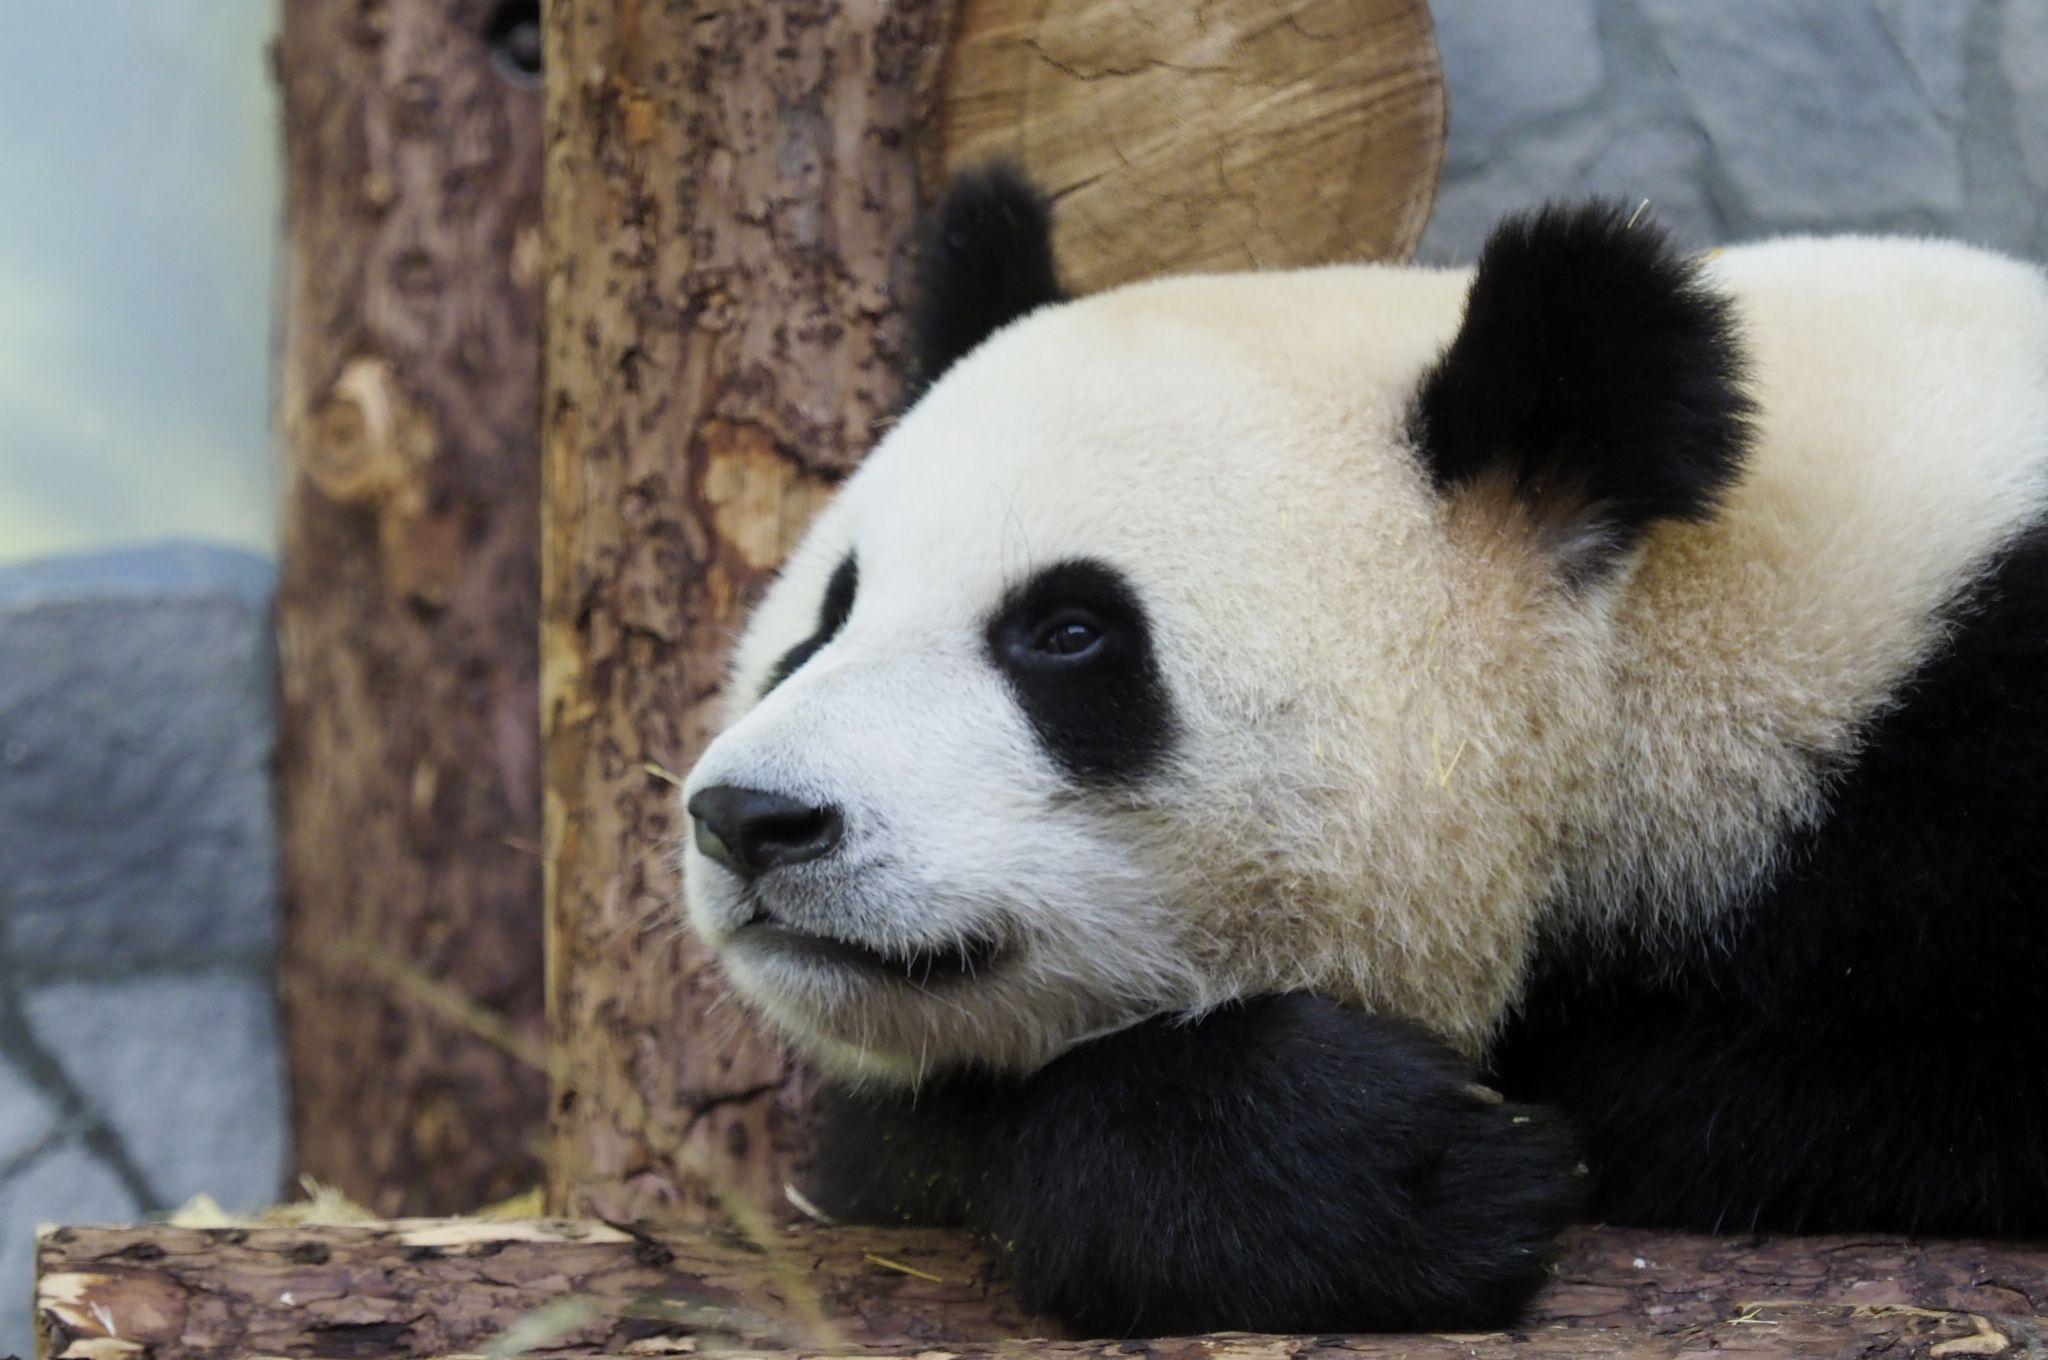 Московский зоопарк примет около двух тысяч посетителей в первый день работы